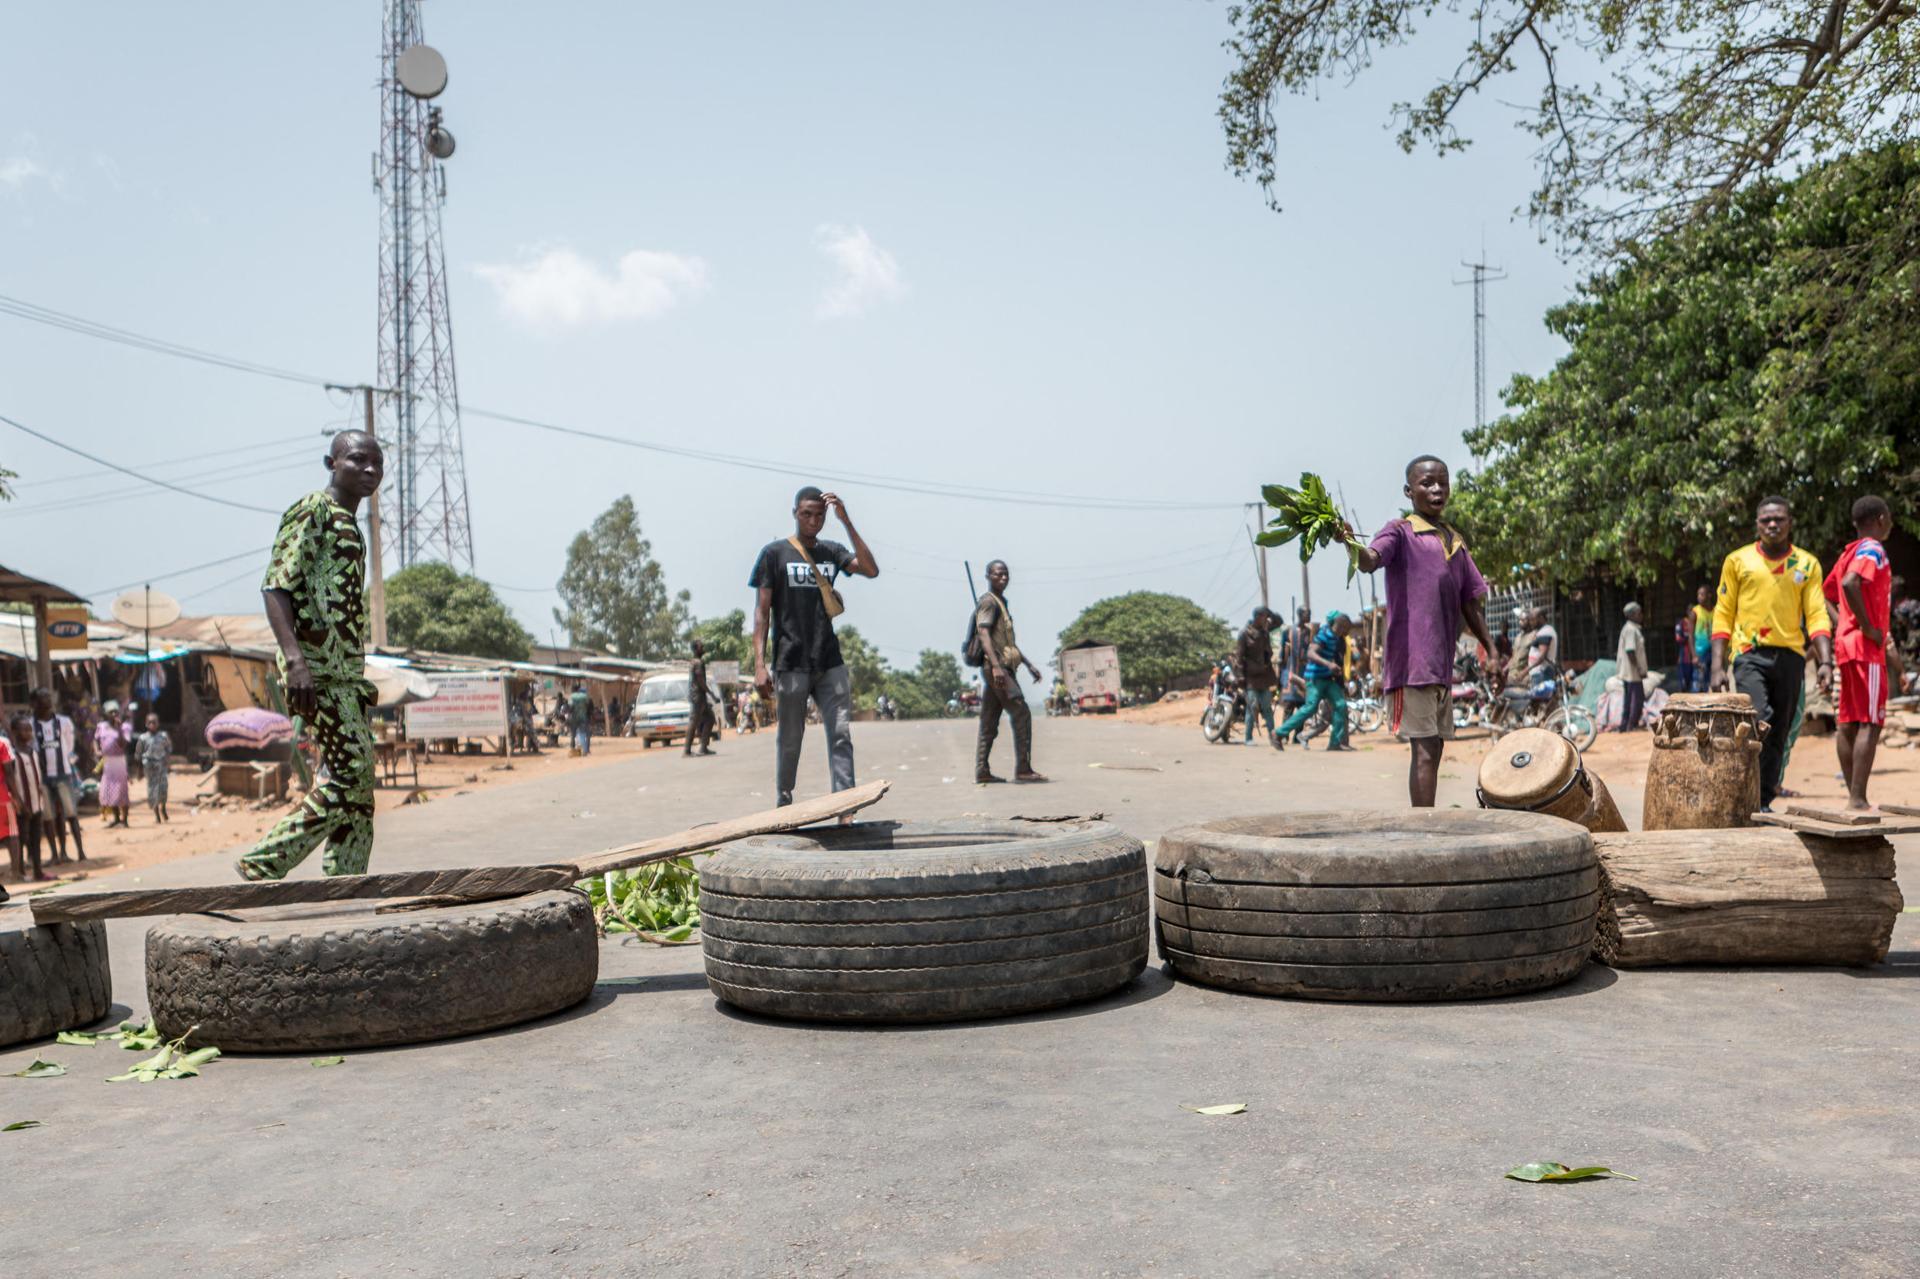 Présidentielle au Bénin: l'armée disperse par la force des manifestants contre le pouvoir